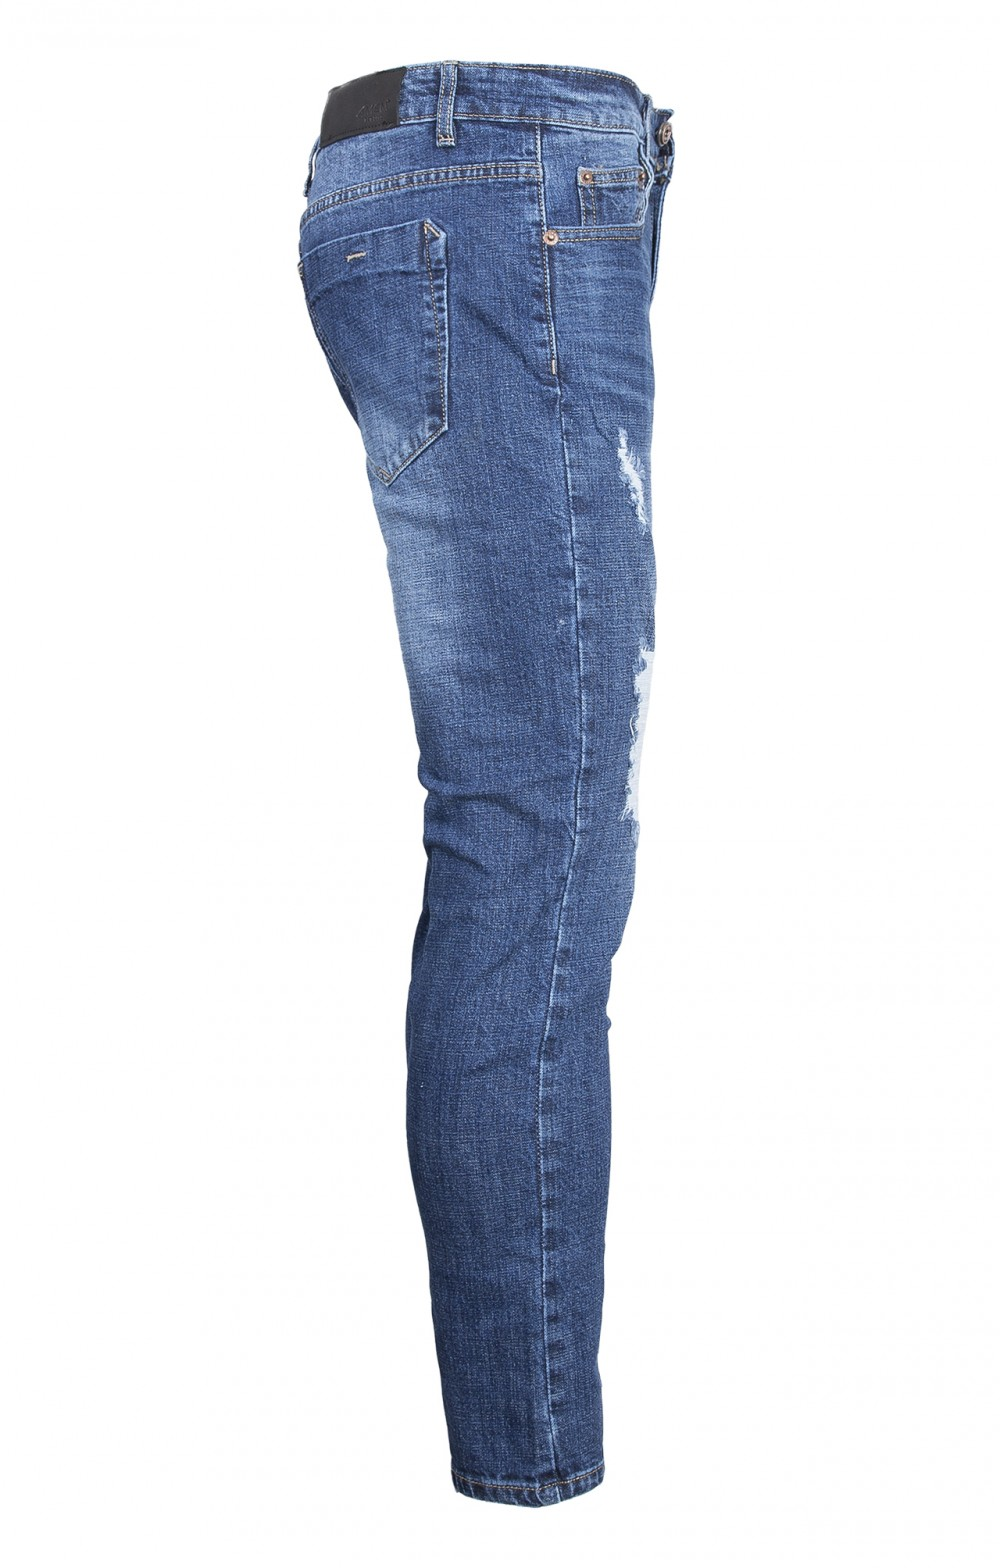 Quần jeans rách xanh đen qj1566 - 4